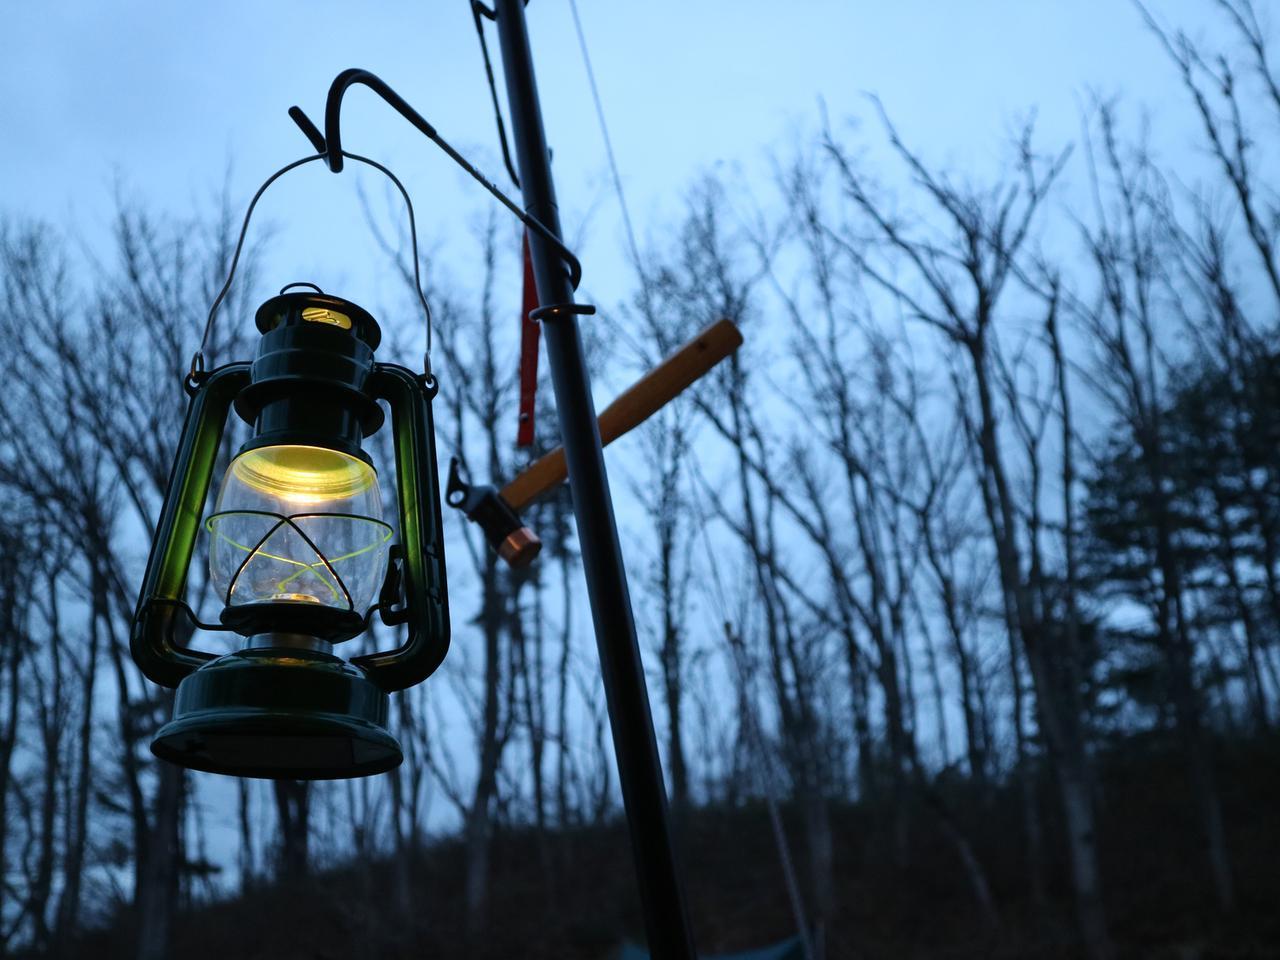 画像: 【ランタン選び】で非日常を味わうキャンプに! レトロなランタンや手軽なLEDランタンで楽しもう!